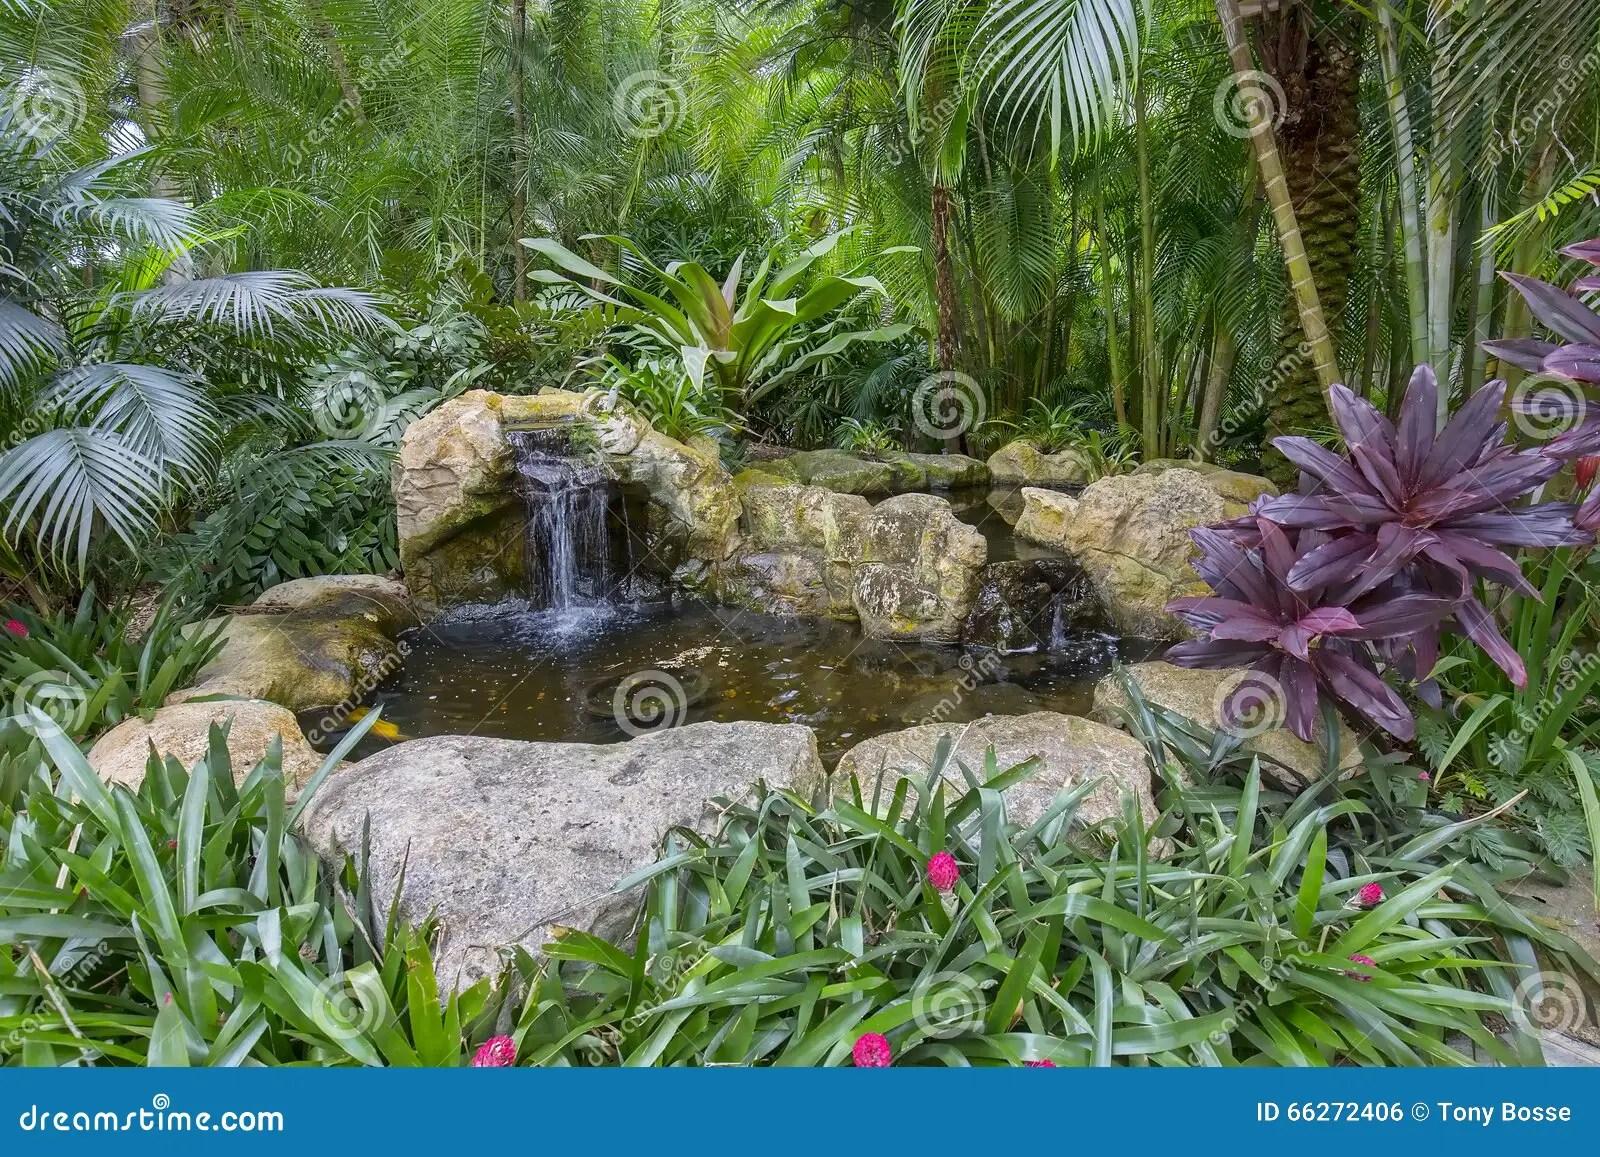 Steingarten Mit Teich Kleiner Wasserfall Im Garten Selber Bauen